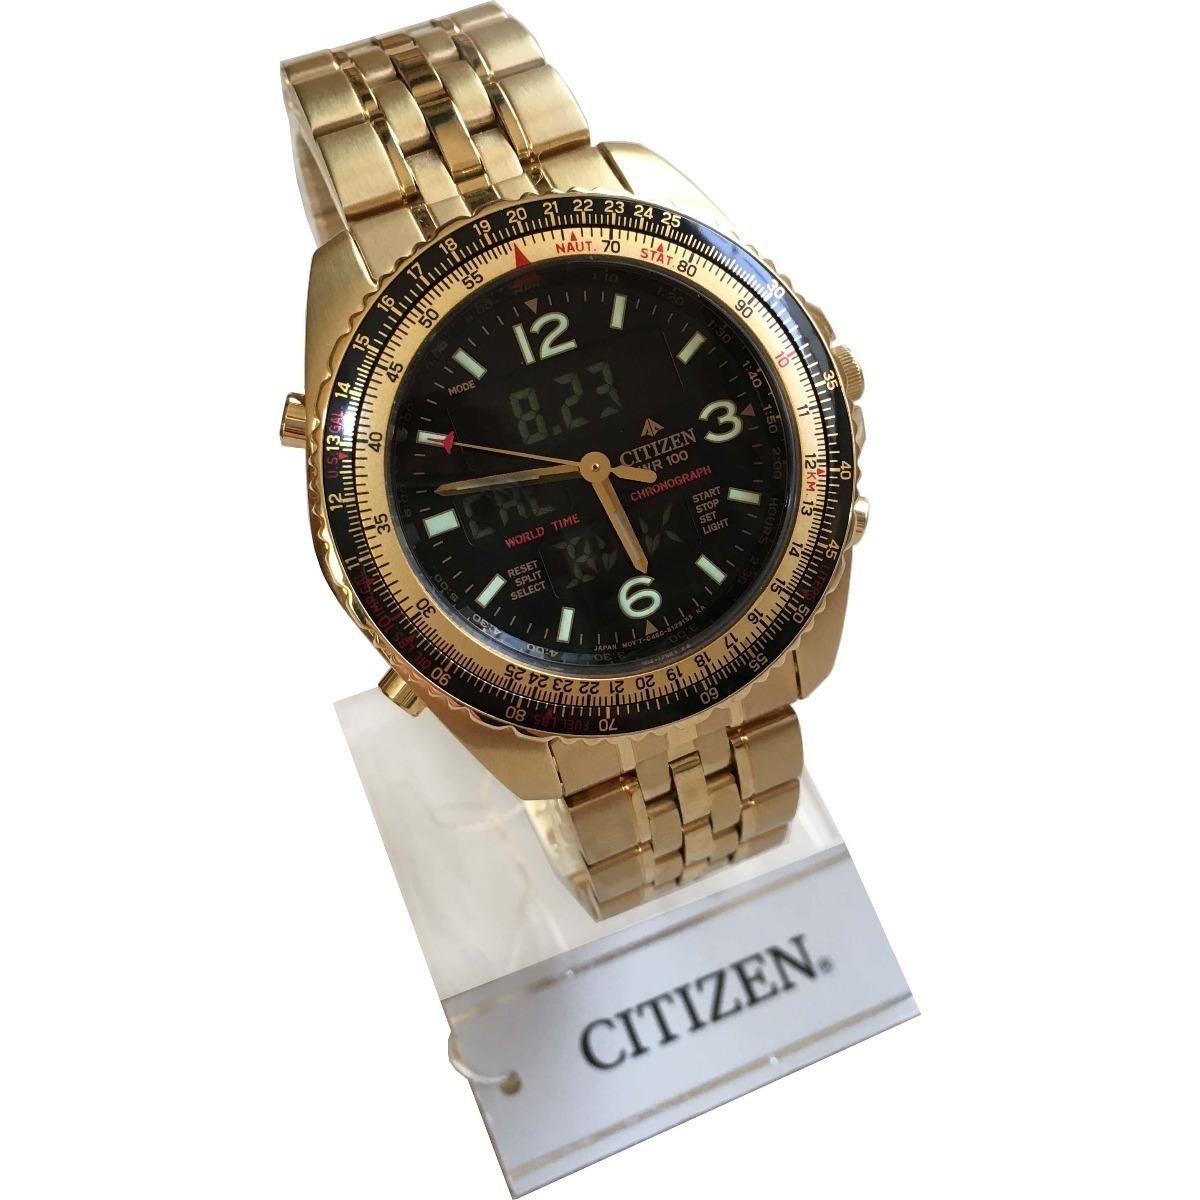 6346555c2d9 relógio citizen masculino dourado wingman promaster original. Carregando  zoom.